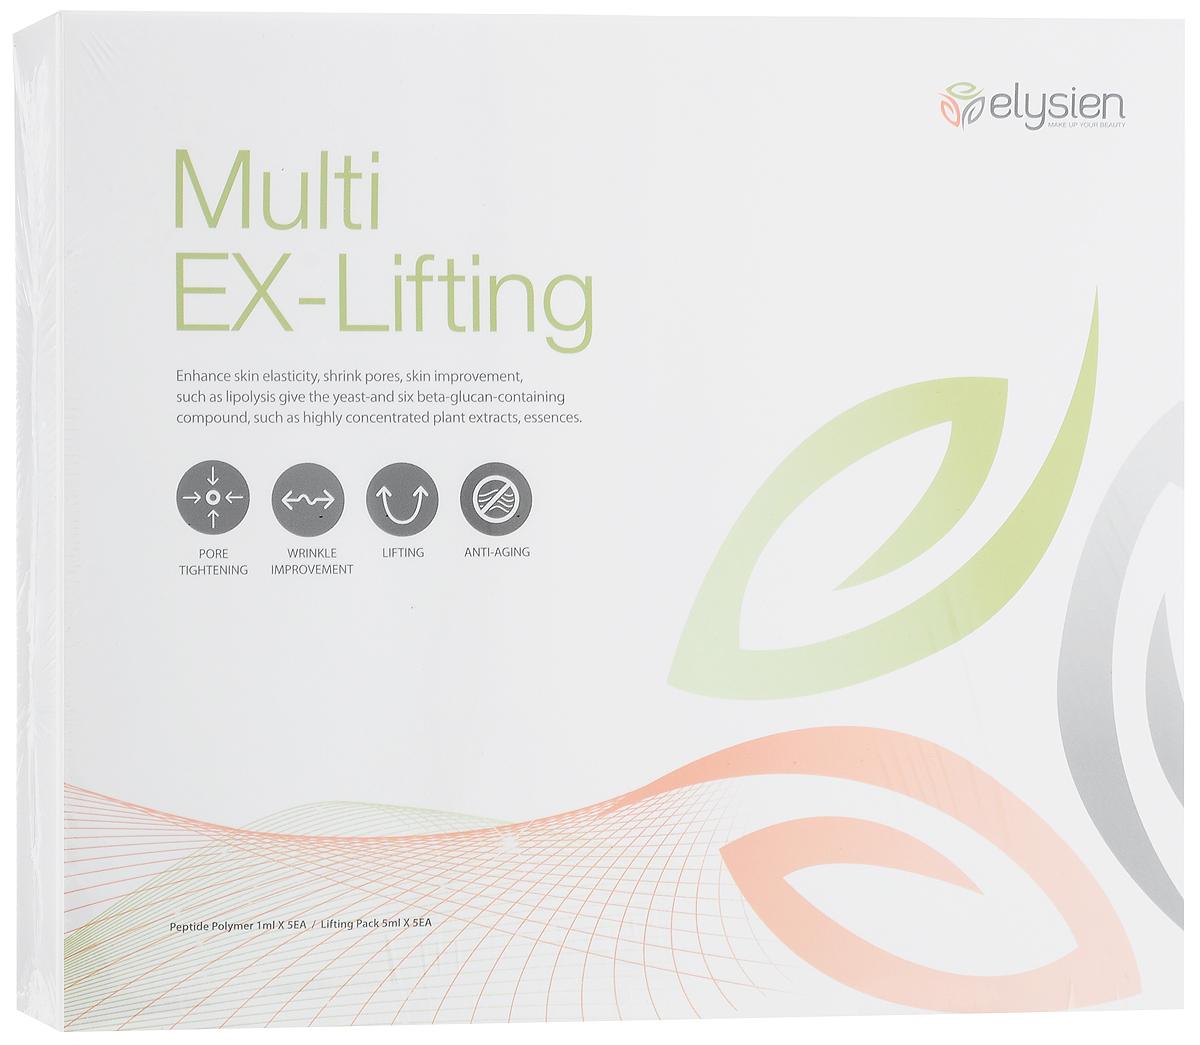 Elysien Multy EX-Lifting Мышечная маска, 0,38 гр766428Elysien Multy EX-Lifting - мышечная маска. Эффект: - Очищает и подтягивает поры, нейтрализует черные точки, обновляет и освежает кожу. - Выравнивает рельеф кожи, разглаживает уже имеющиеся морщинки. - Подтягивает кожу, обладает мощным лифтинг эффектом. - Анти-возрастной эффект, препятствует образованию новых морщин